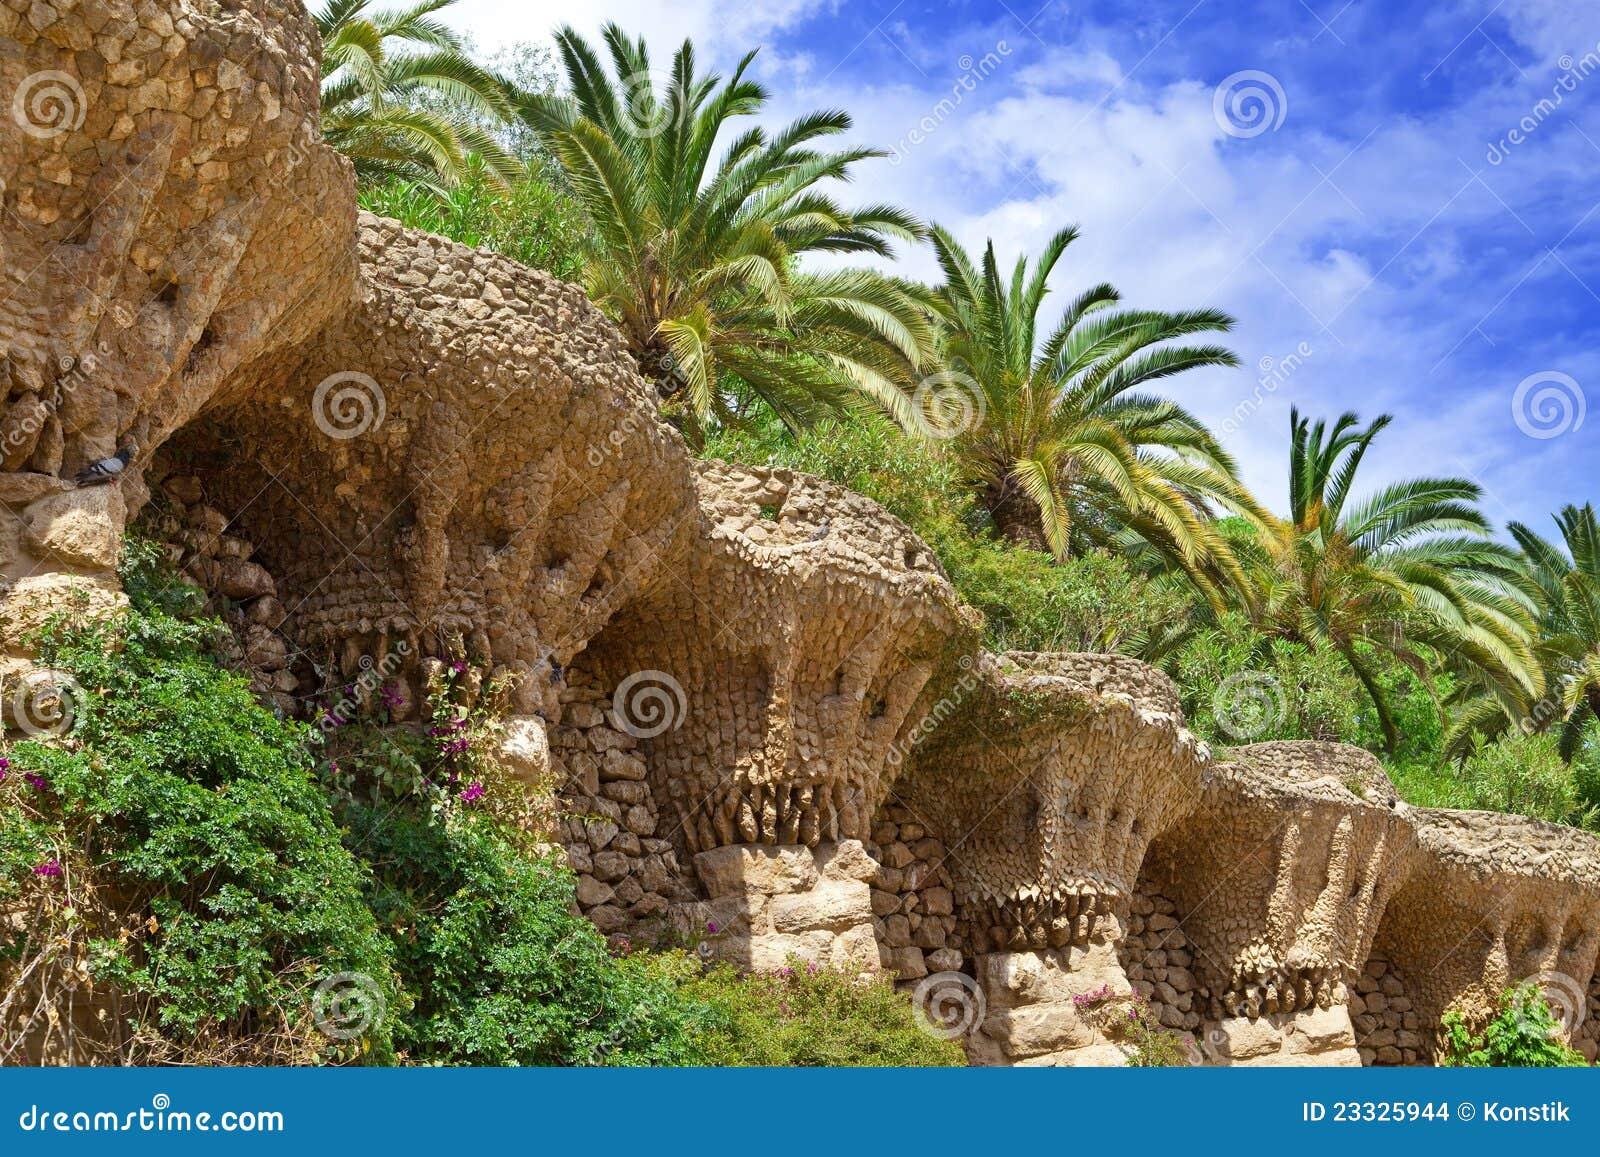 imagens plantas jardim:Mais imagens similares de ` Plantas tropicais no jardim `